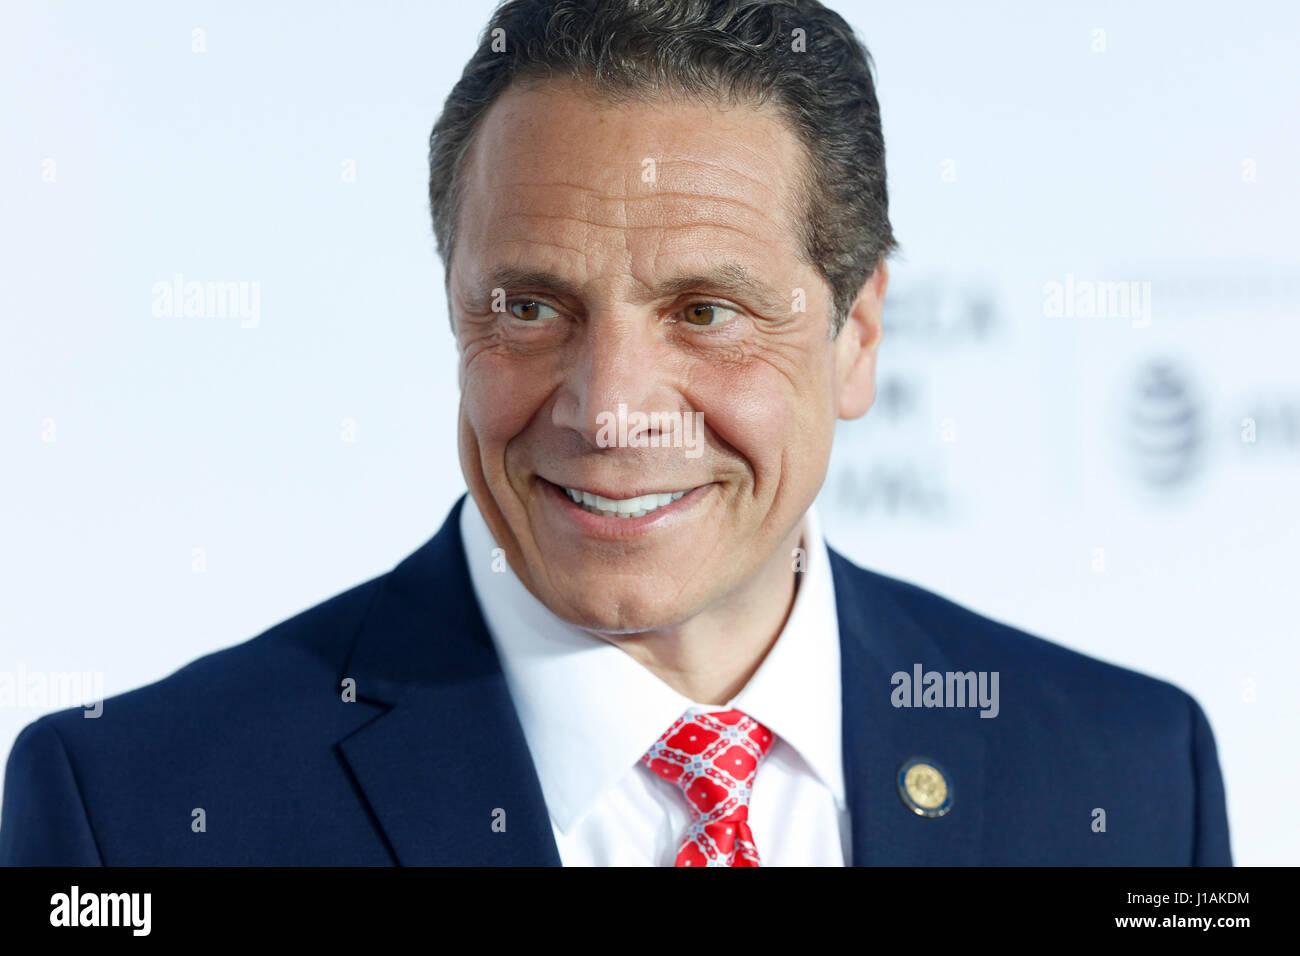 Nueva York, Estados Unidos. 19 de abril de 2017. Gobernador de Nueva York, Andrew Cuomo llega al Festival de Cine Imagen De Stock